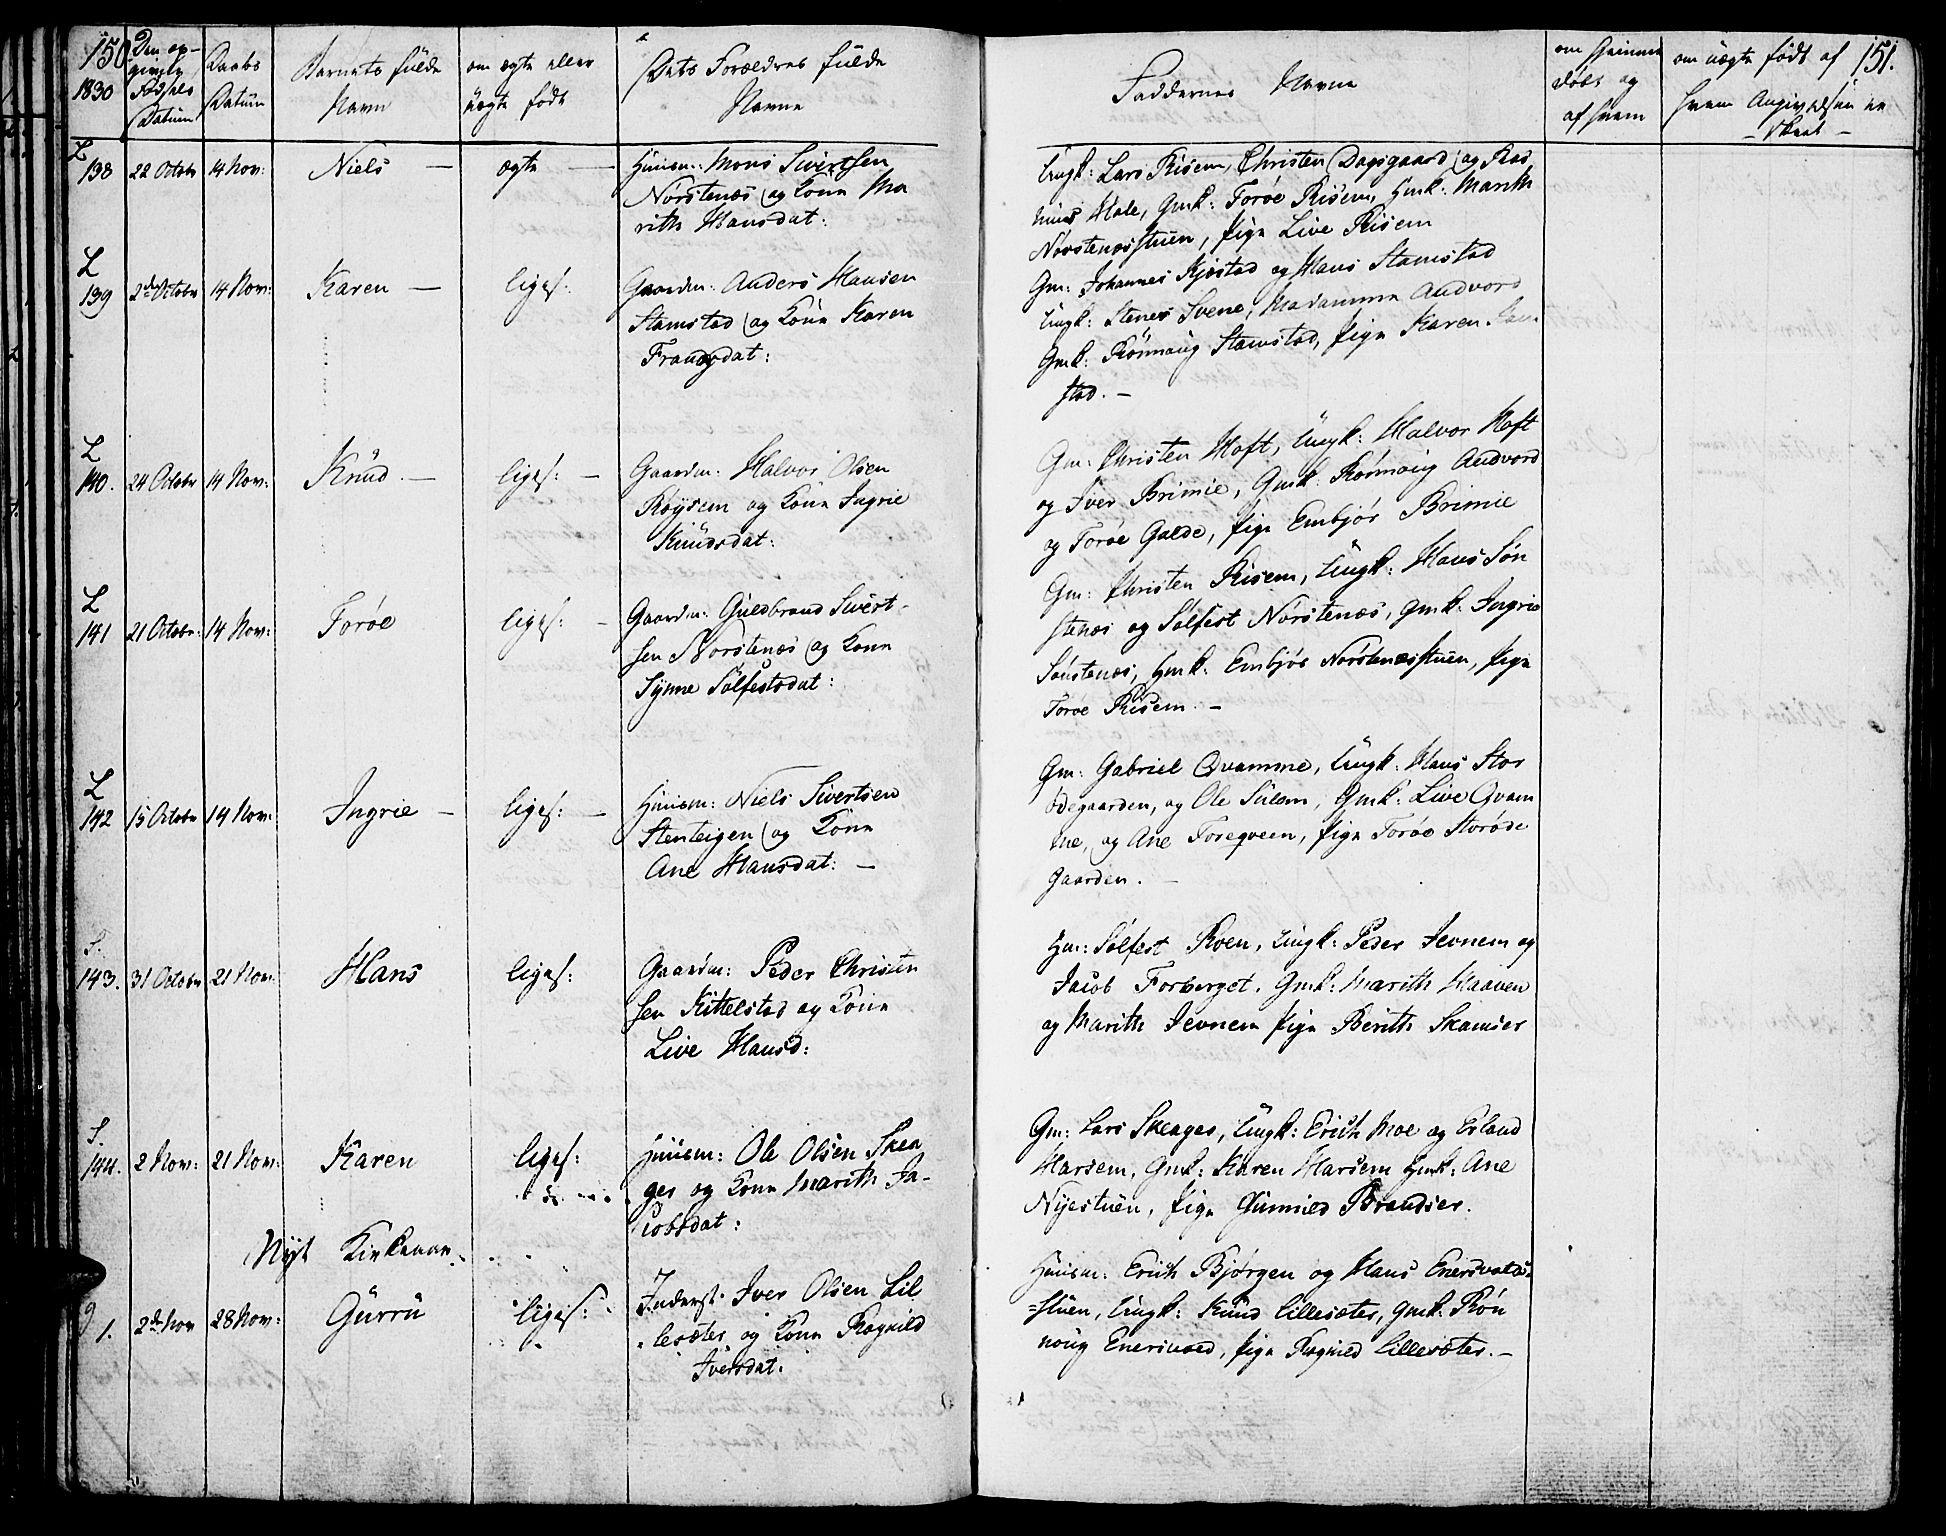 SAH, Lom prestekontor, K/L0005: Ministerialbok nr. 5, 1825-1837, s. 150-151